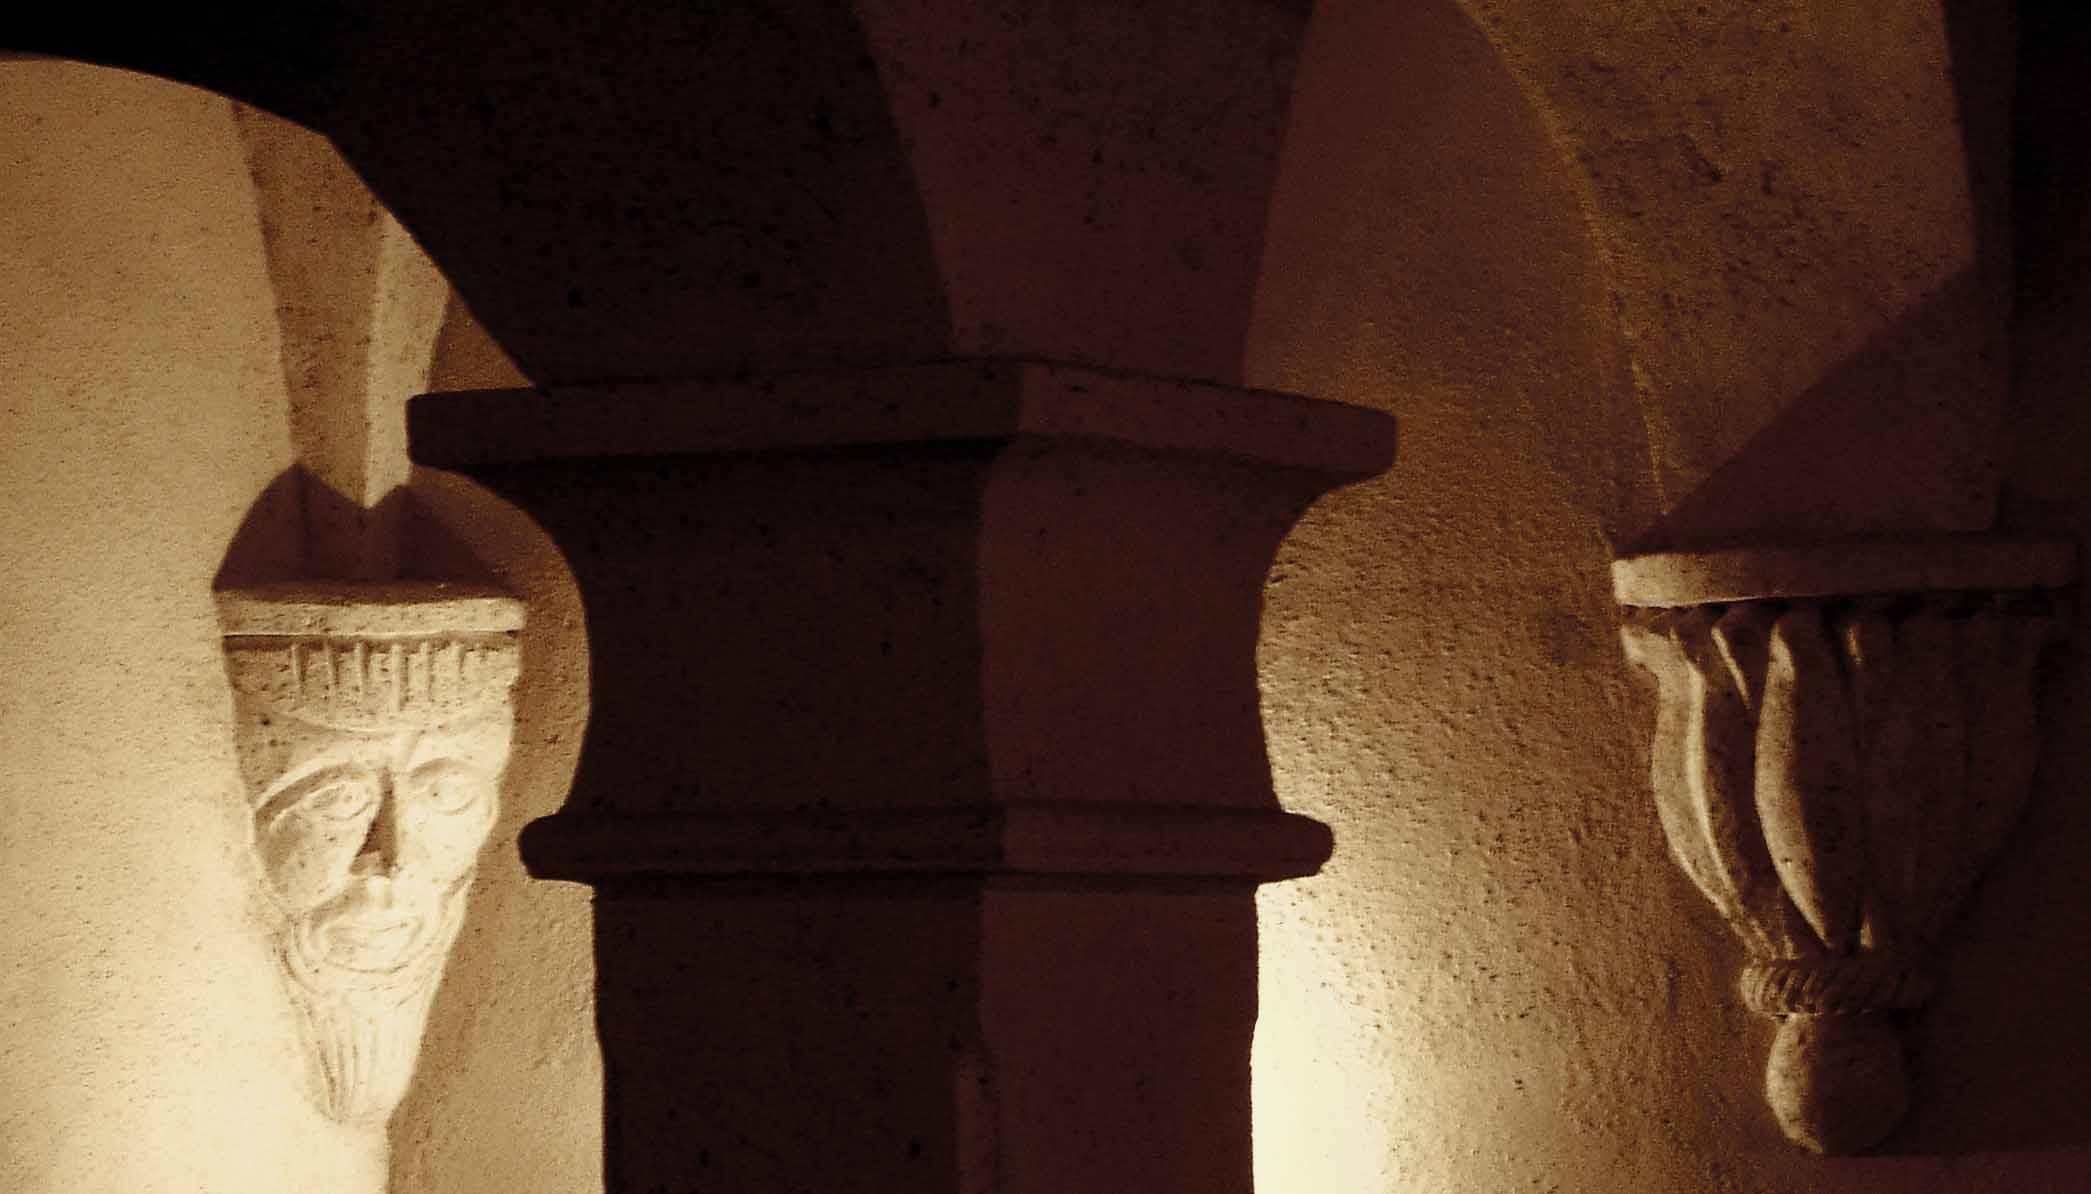 hélice Lien vers: http://www.terrus.fr/uploads/TerrusSculptureMarcRestauration/Eve_20140221121148_20140221121223.pdf